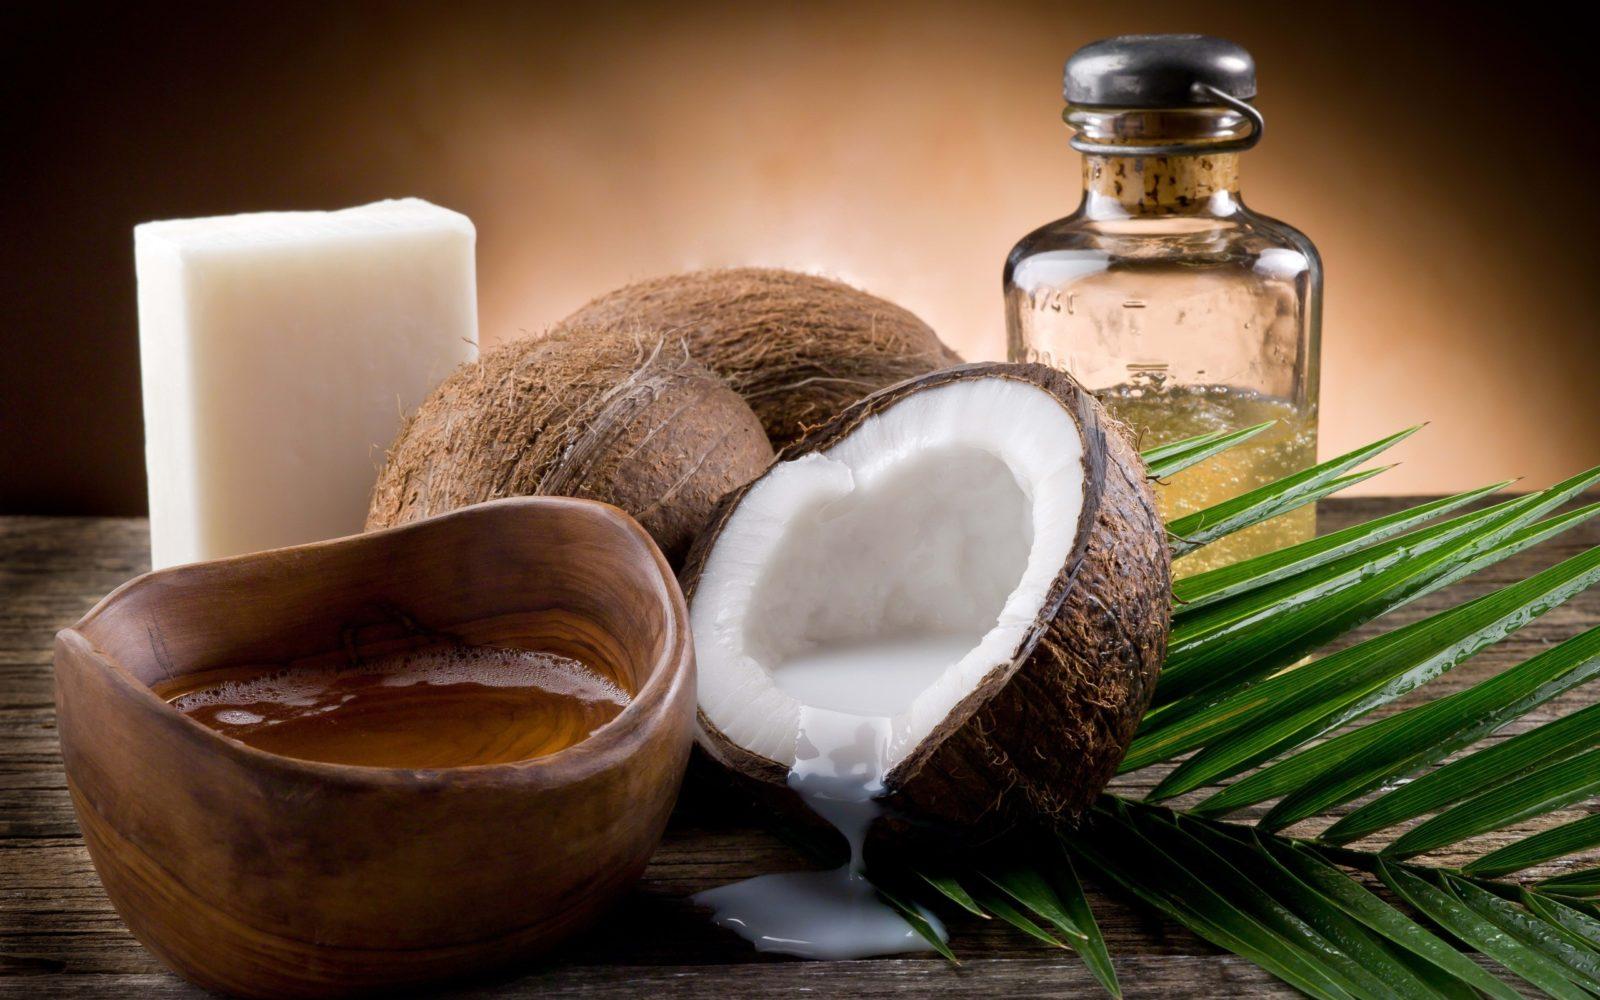 Кокосовое масло – панацея для здоровья, красоты и молодости или очередной рекламный трюк?